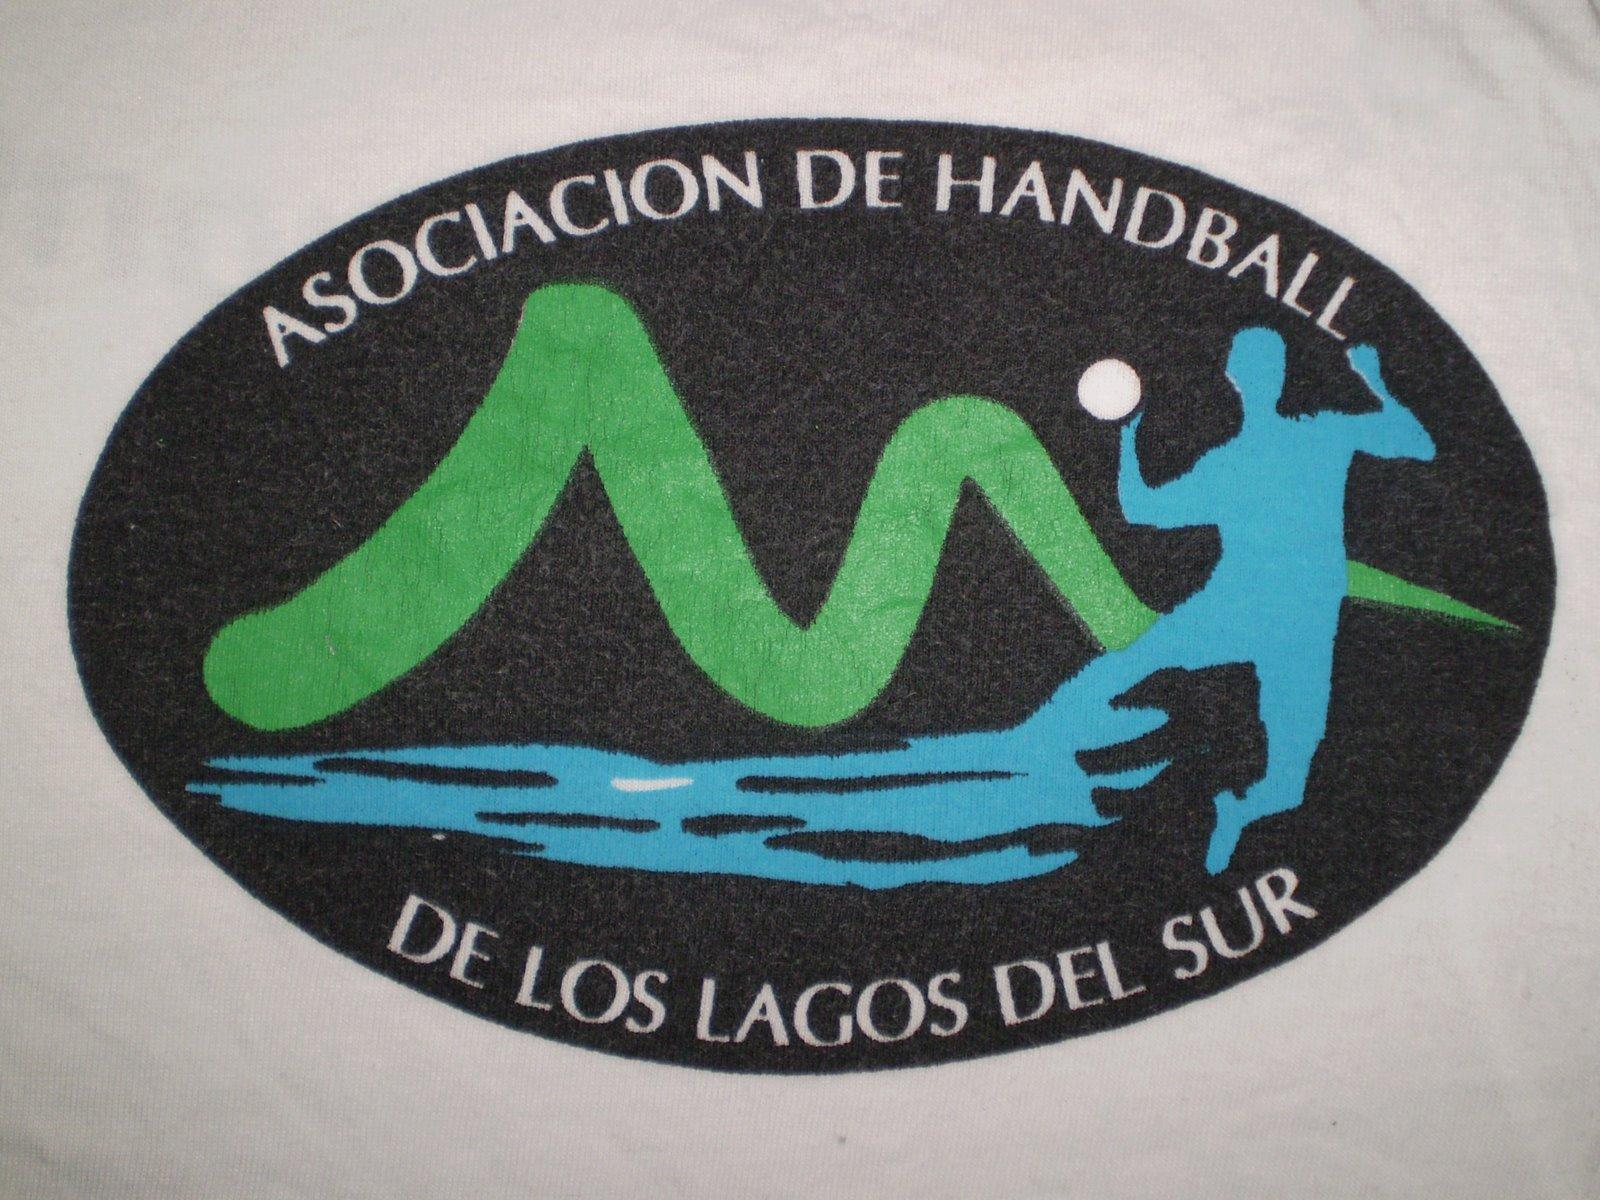 ASOCIACION CIVIL DE HANDBALL DE LOS LAGOS DEL SUR